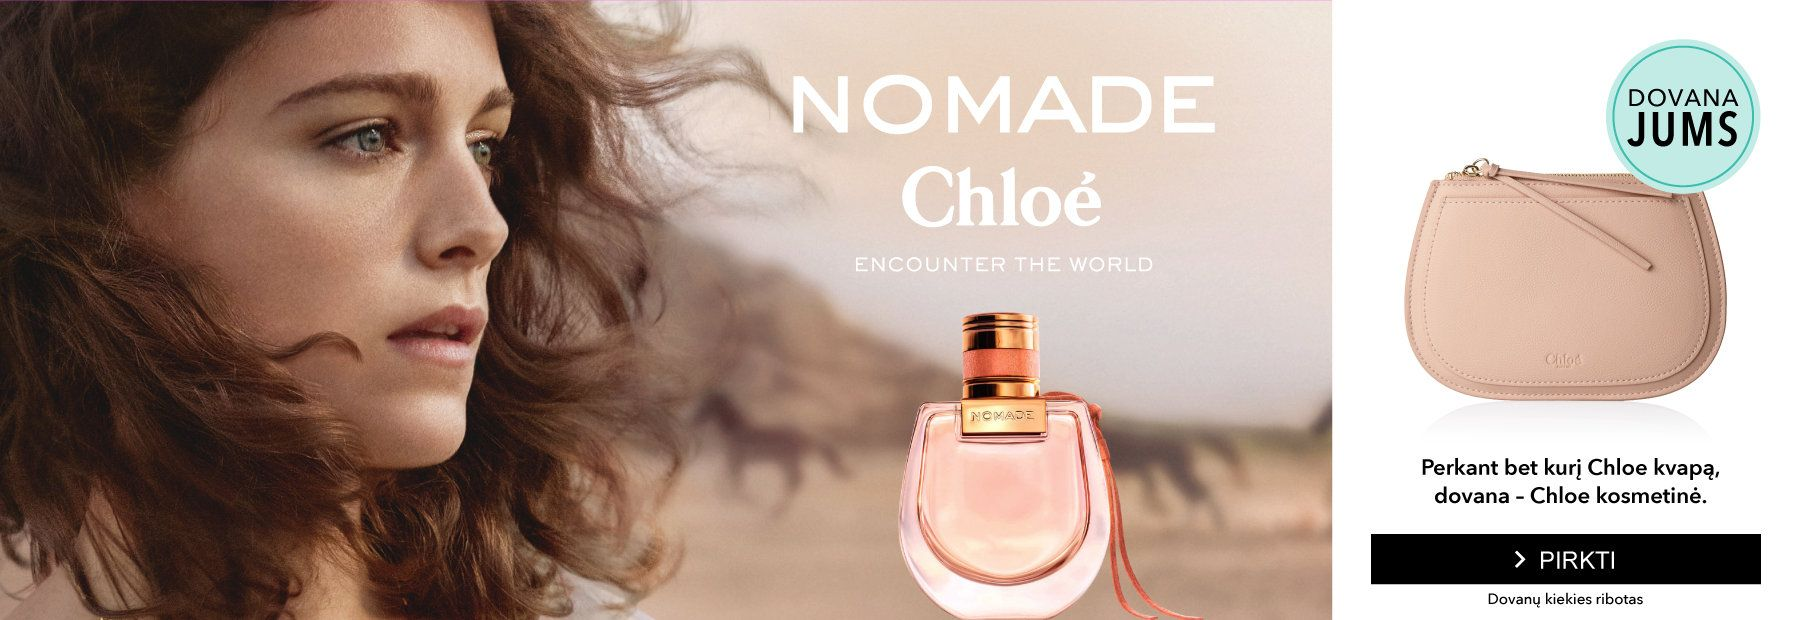 Chloe Nomade naujiena